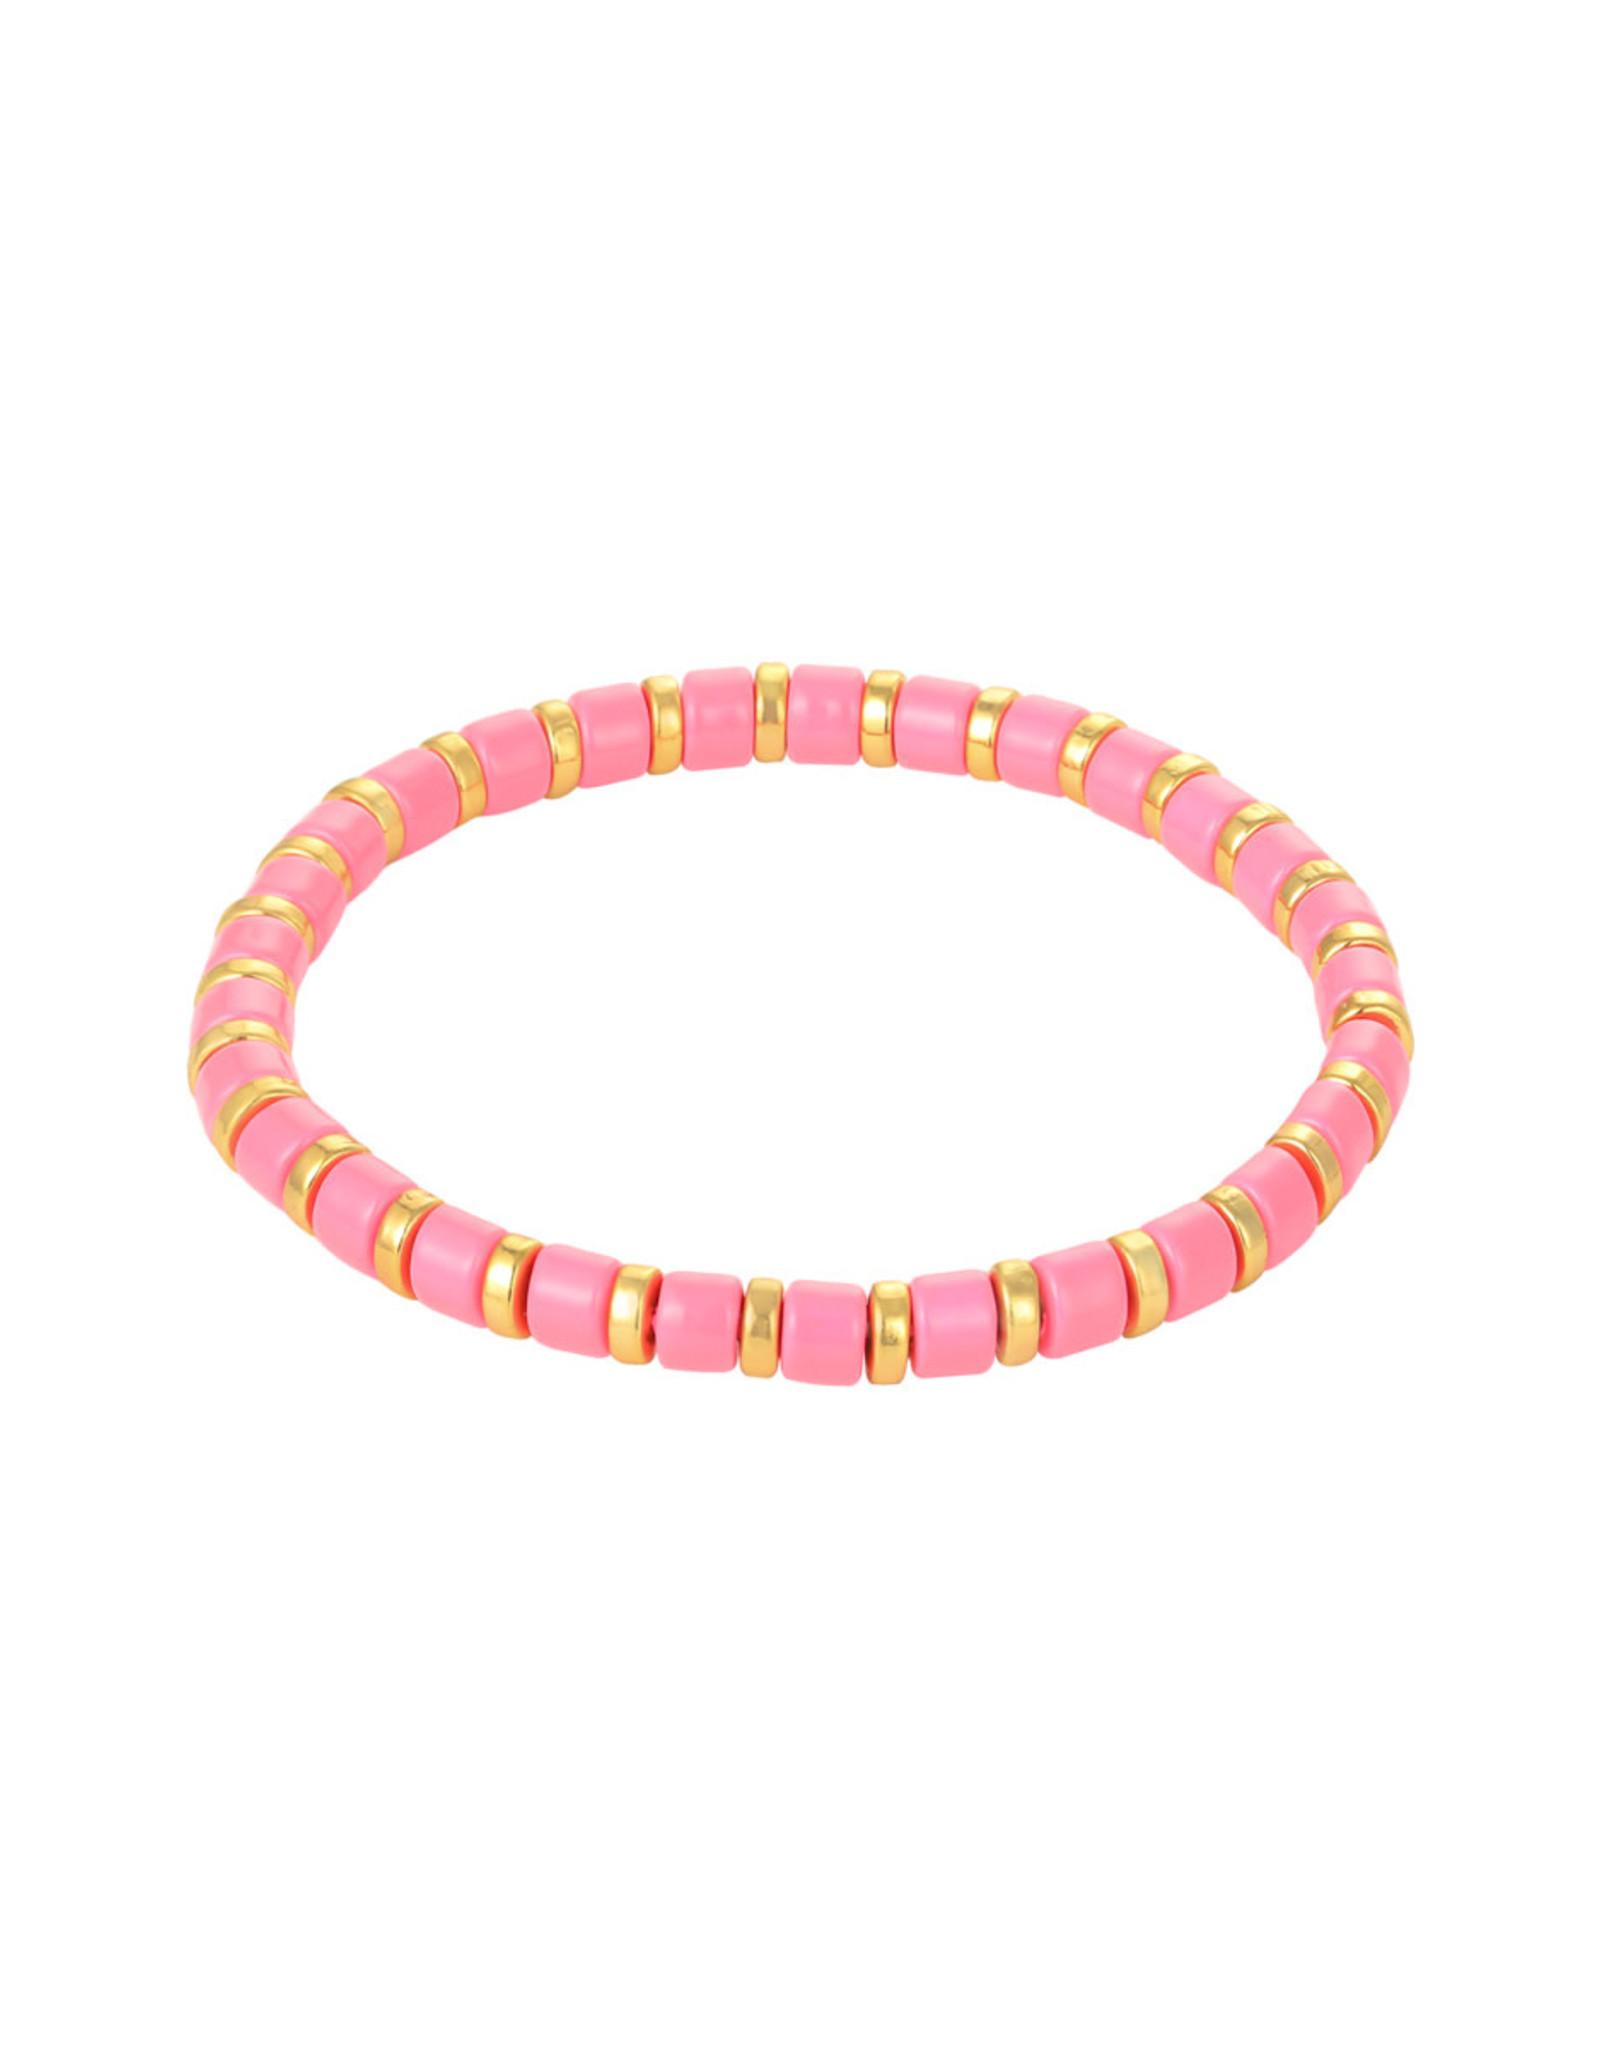 Yehwang Yehwang armbandje Sugar Beads roze